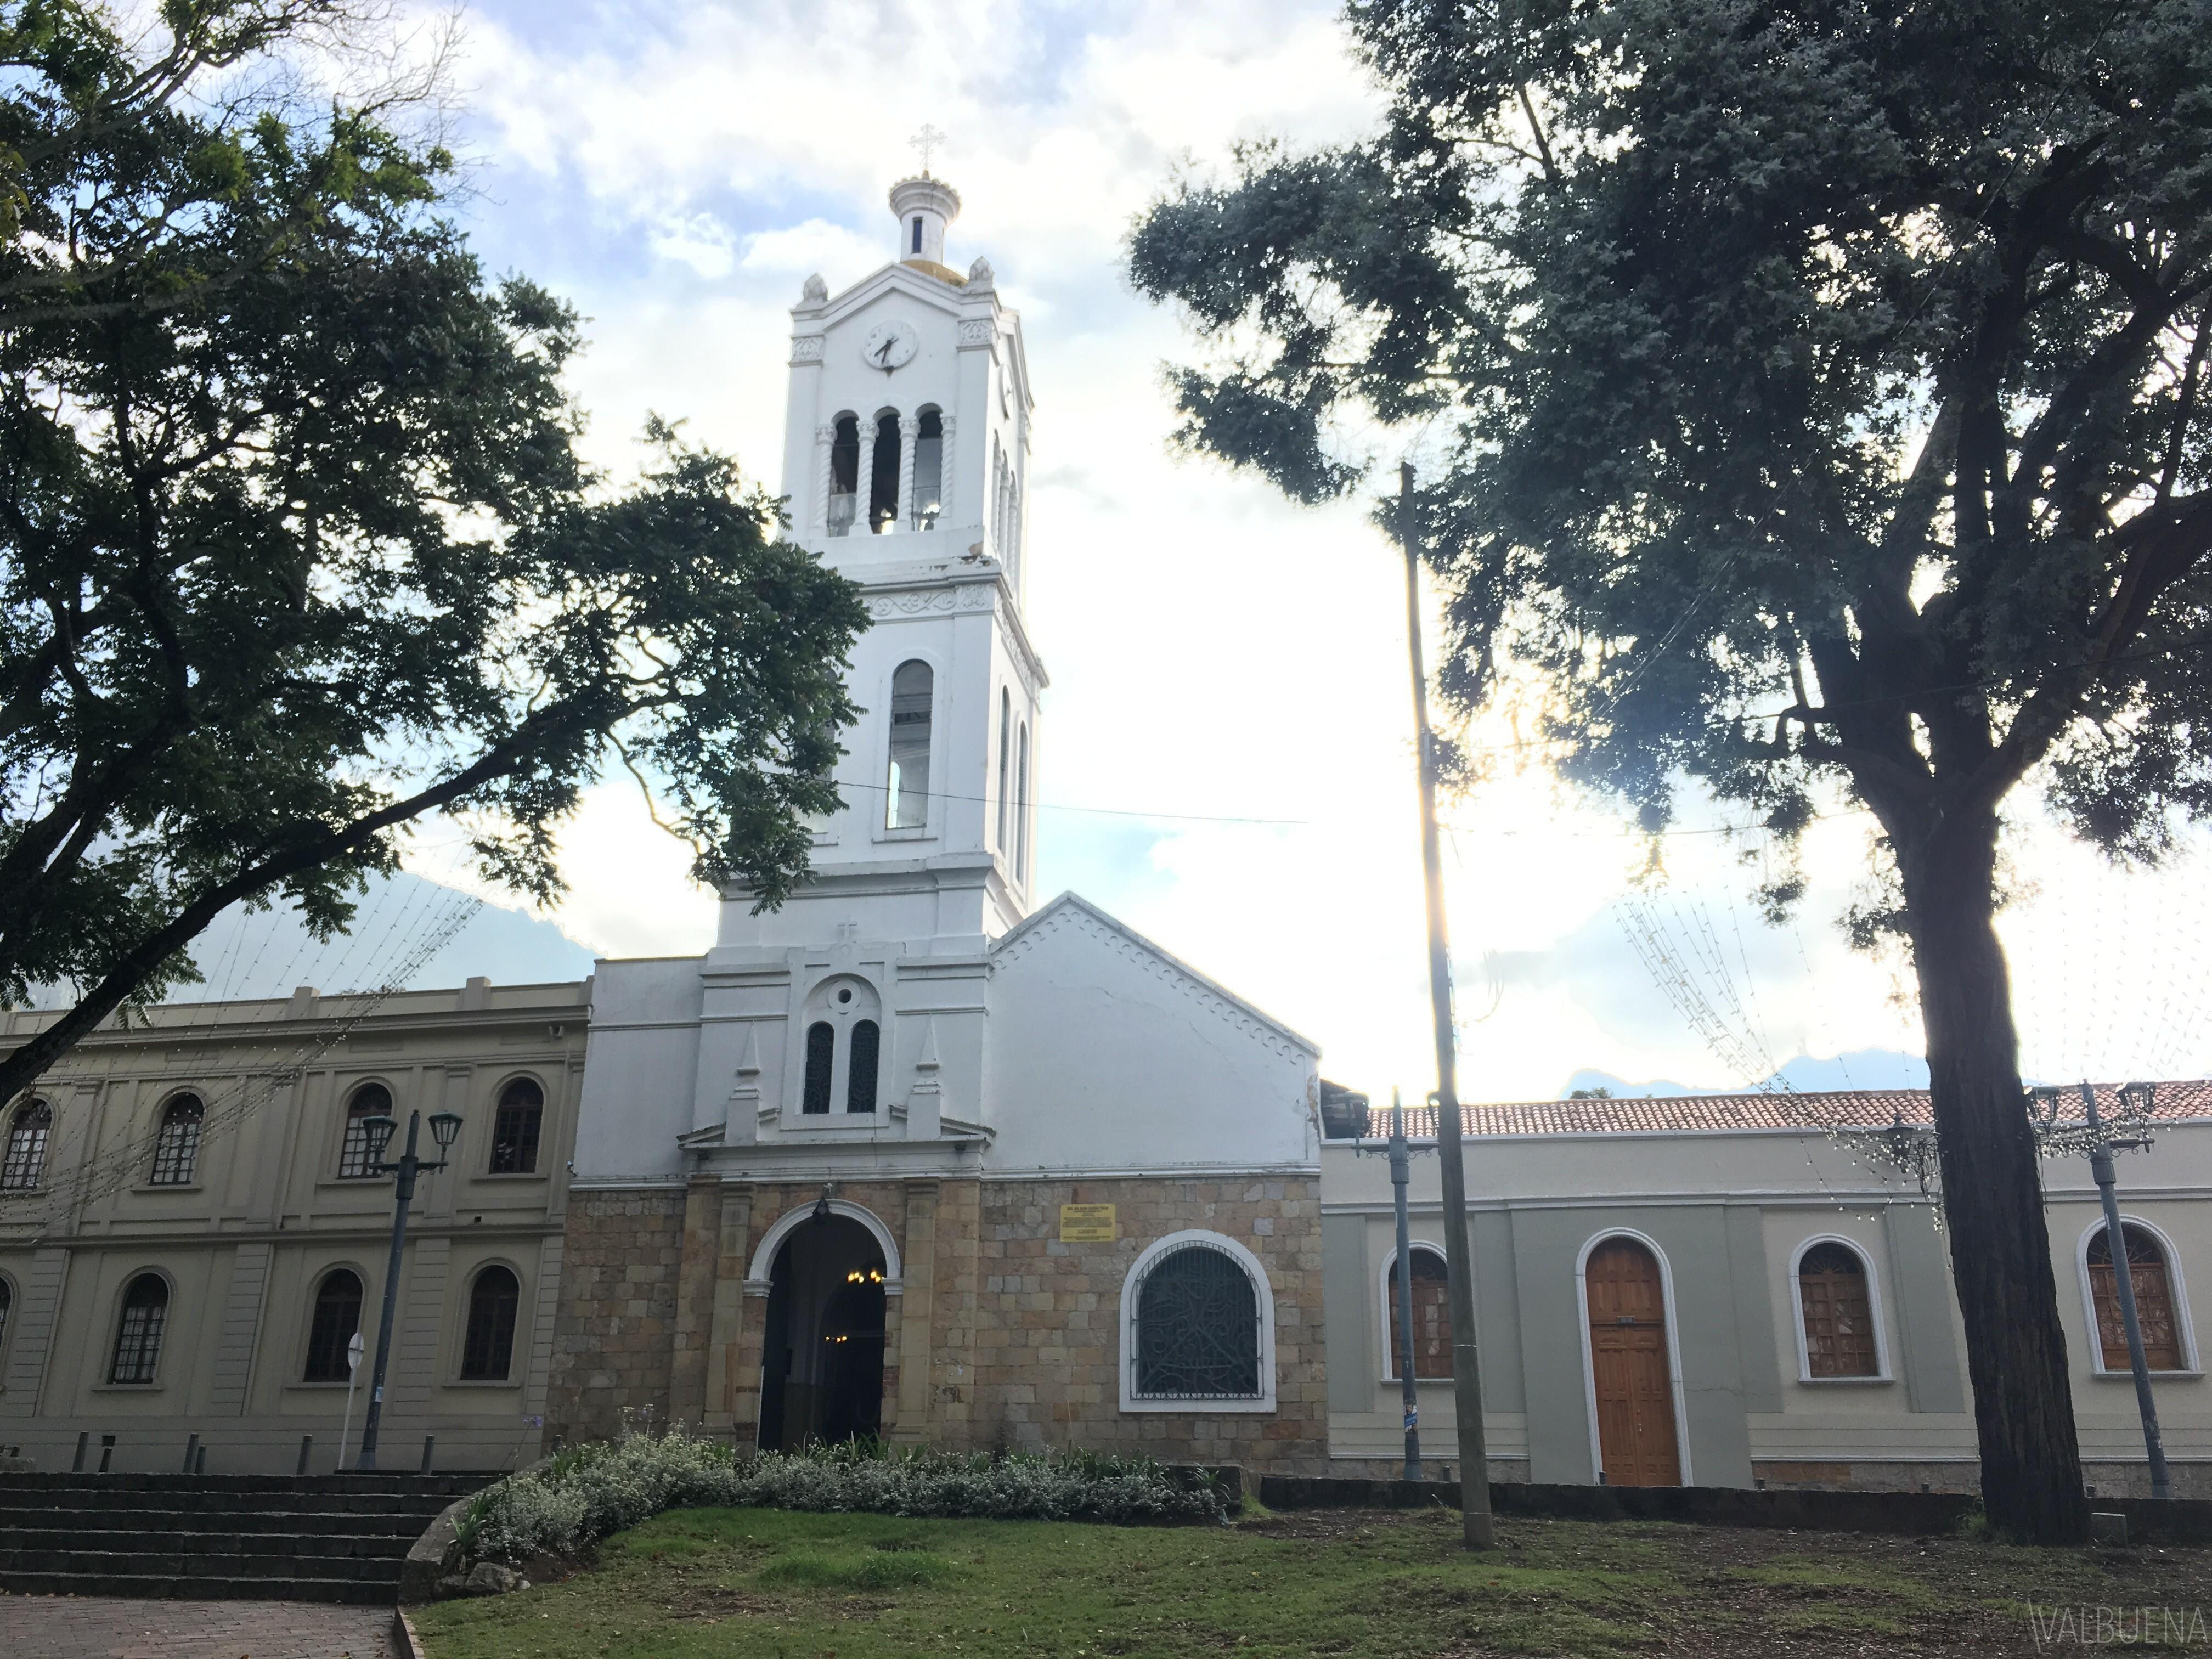 Eglise de Usaquen est beau et un grand endroit pour l'art